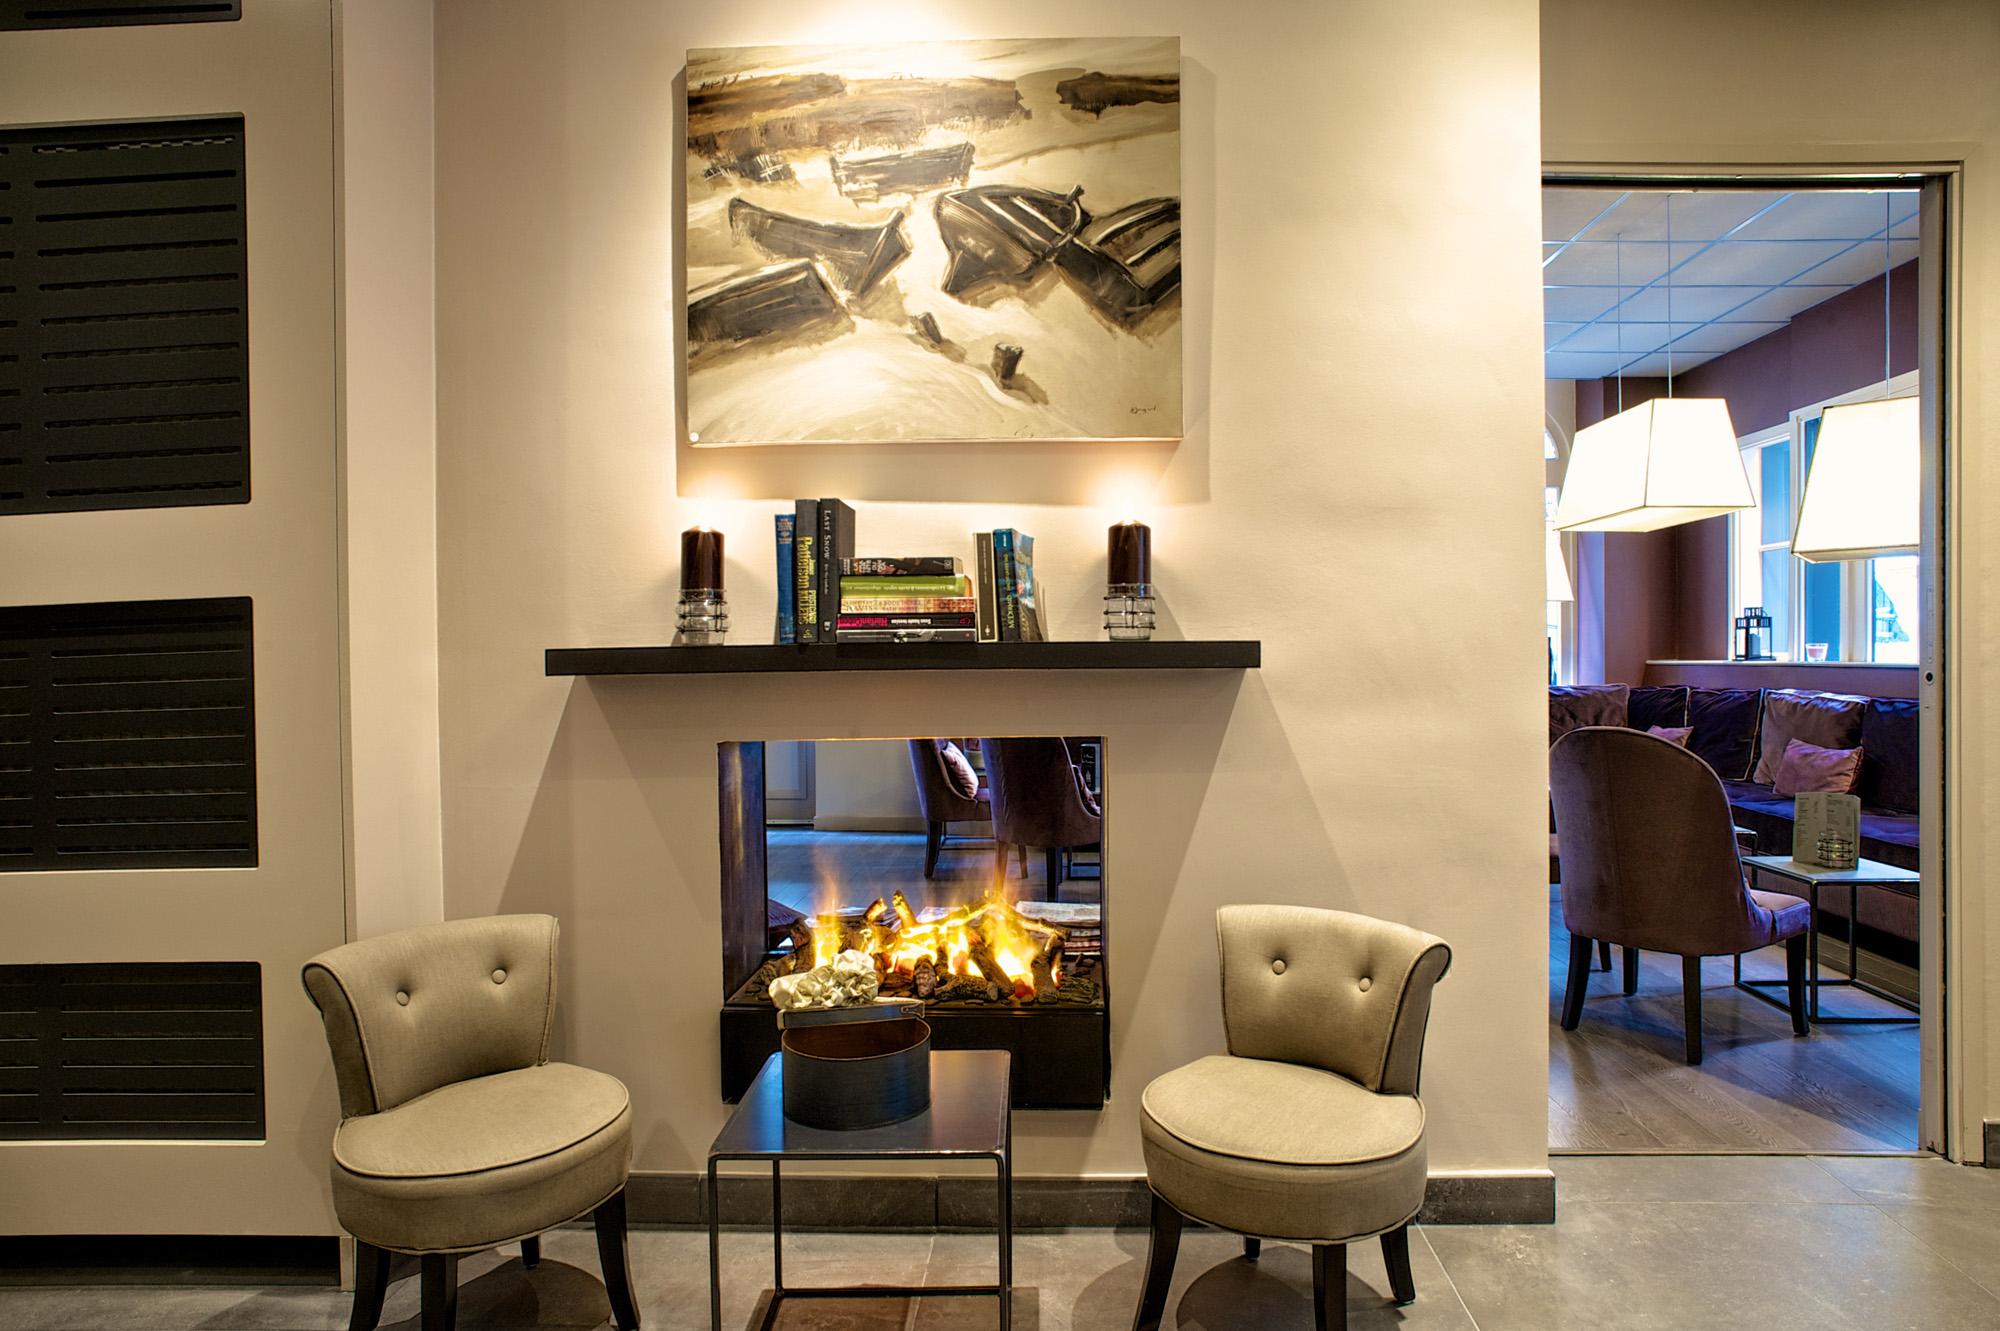 hotel la maison des armateurs en saint malo viajes carrefour. Black Bedroom Furniture Sets. Home Design Ideas